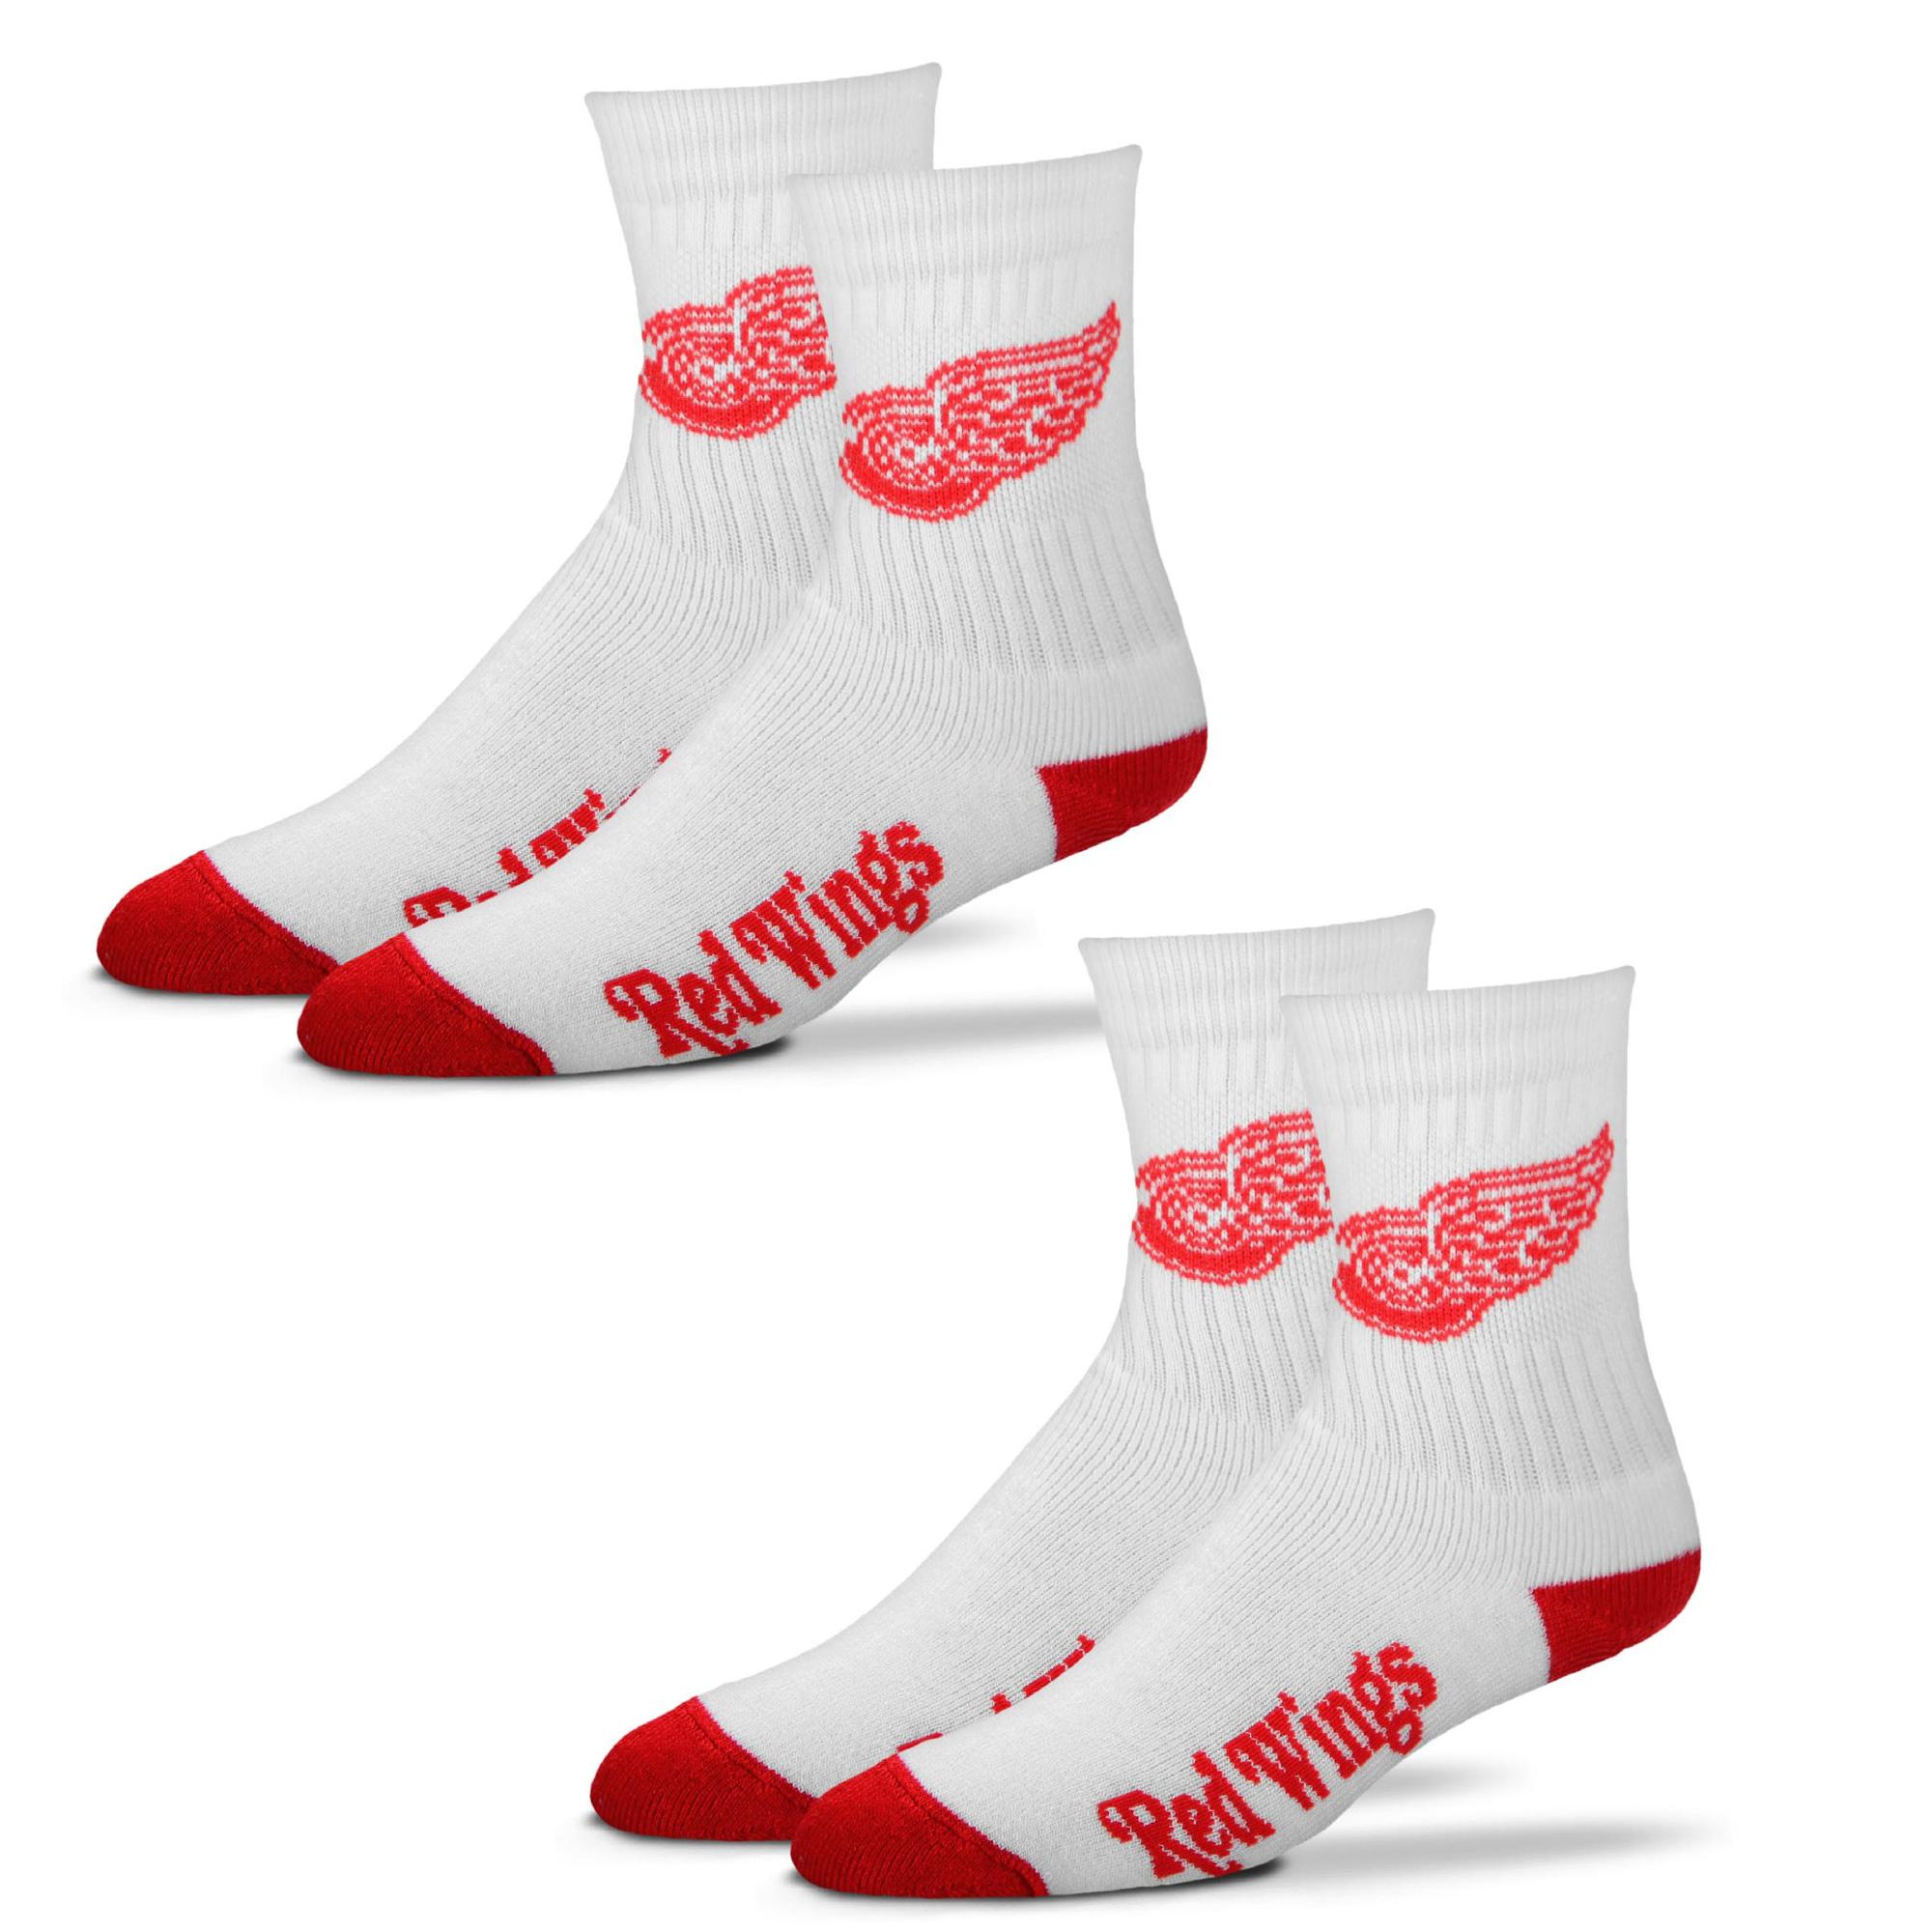 Detroit Red Wings For Bare Feet 2-Pack Quarter-Length Socks - L